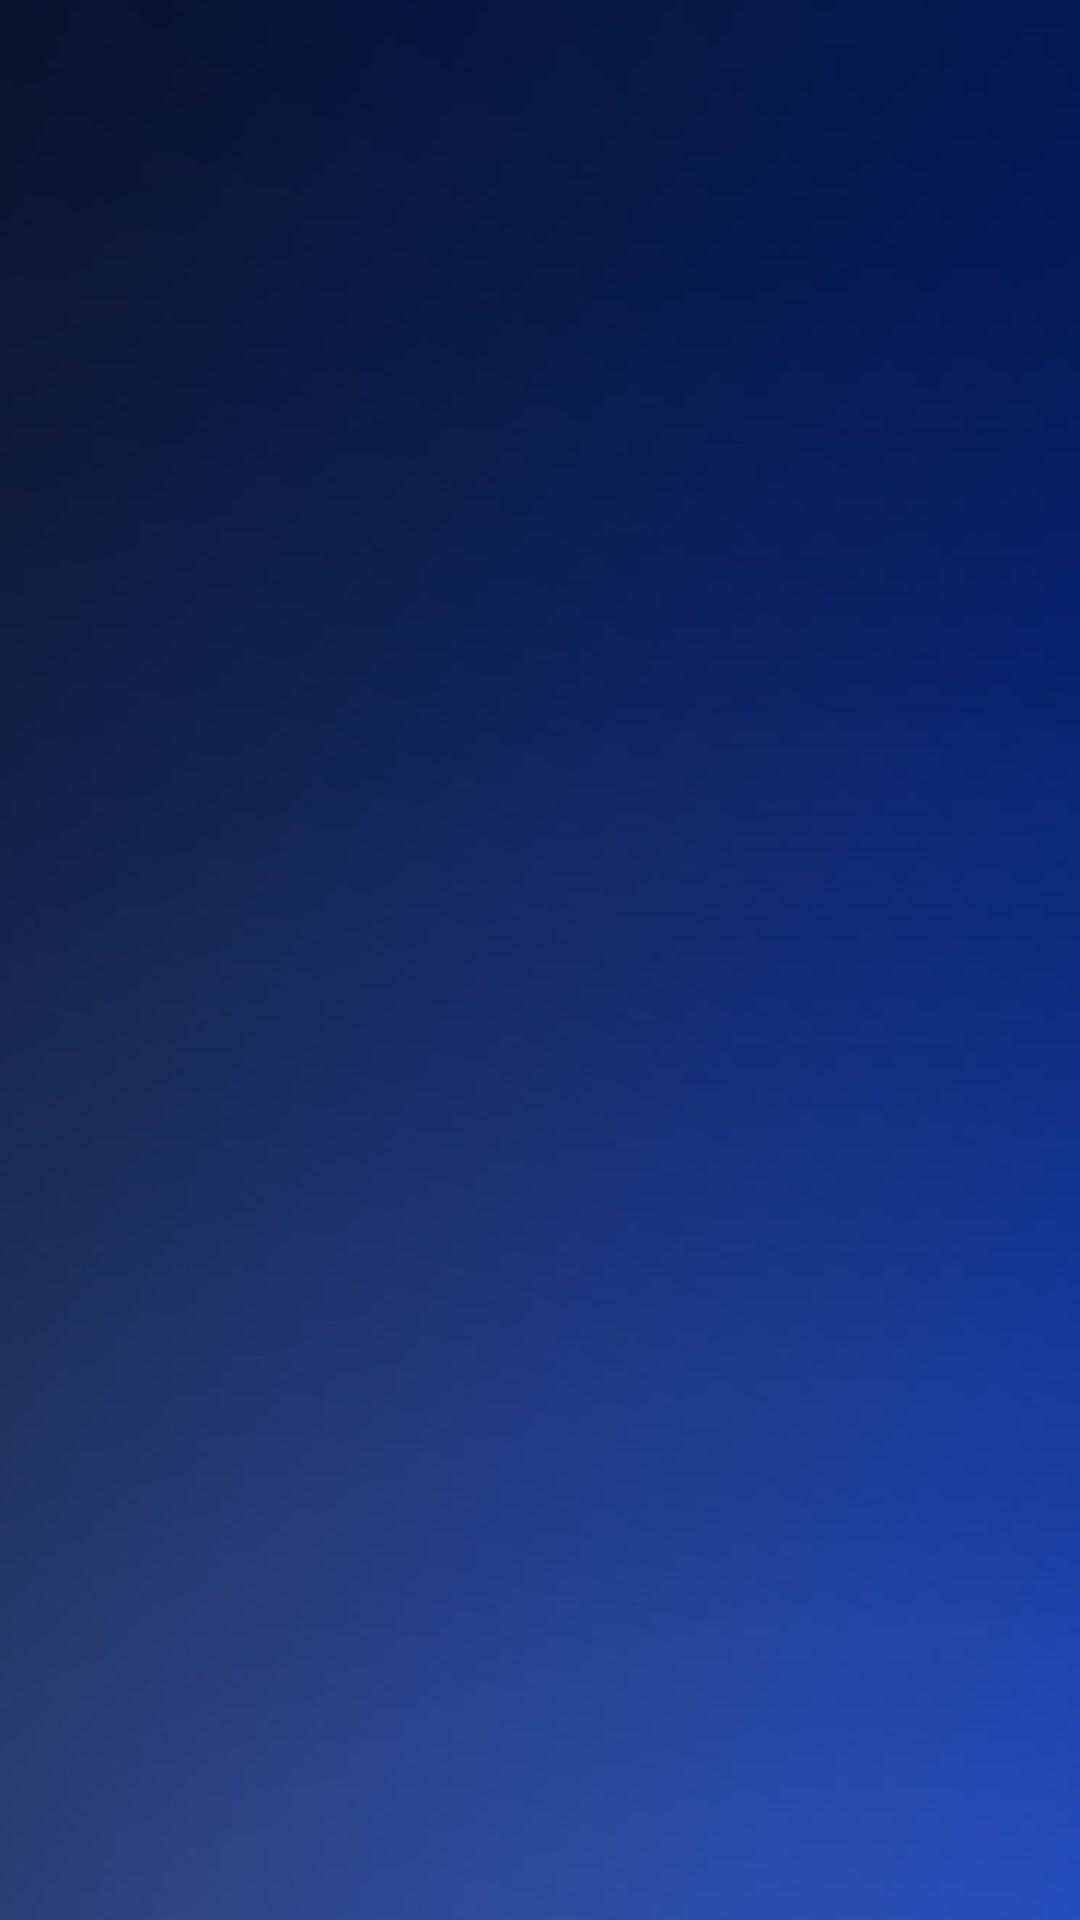 Medium Crop Of Navy Blue Wallpaper